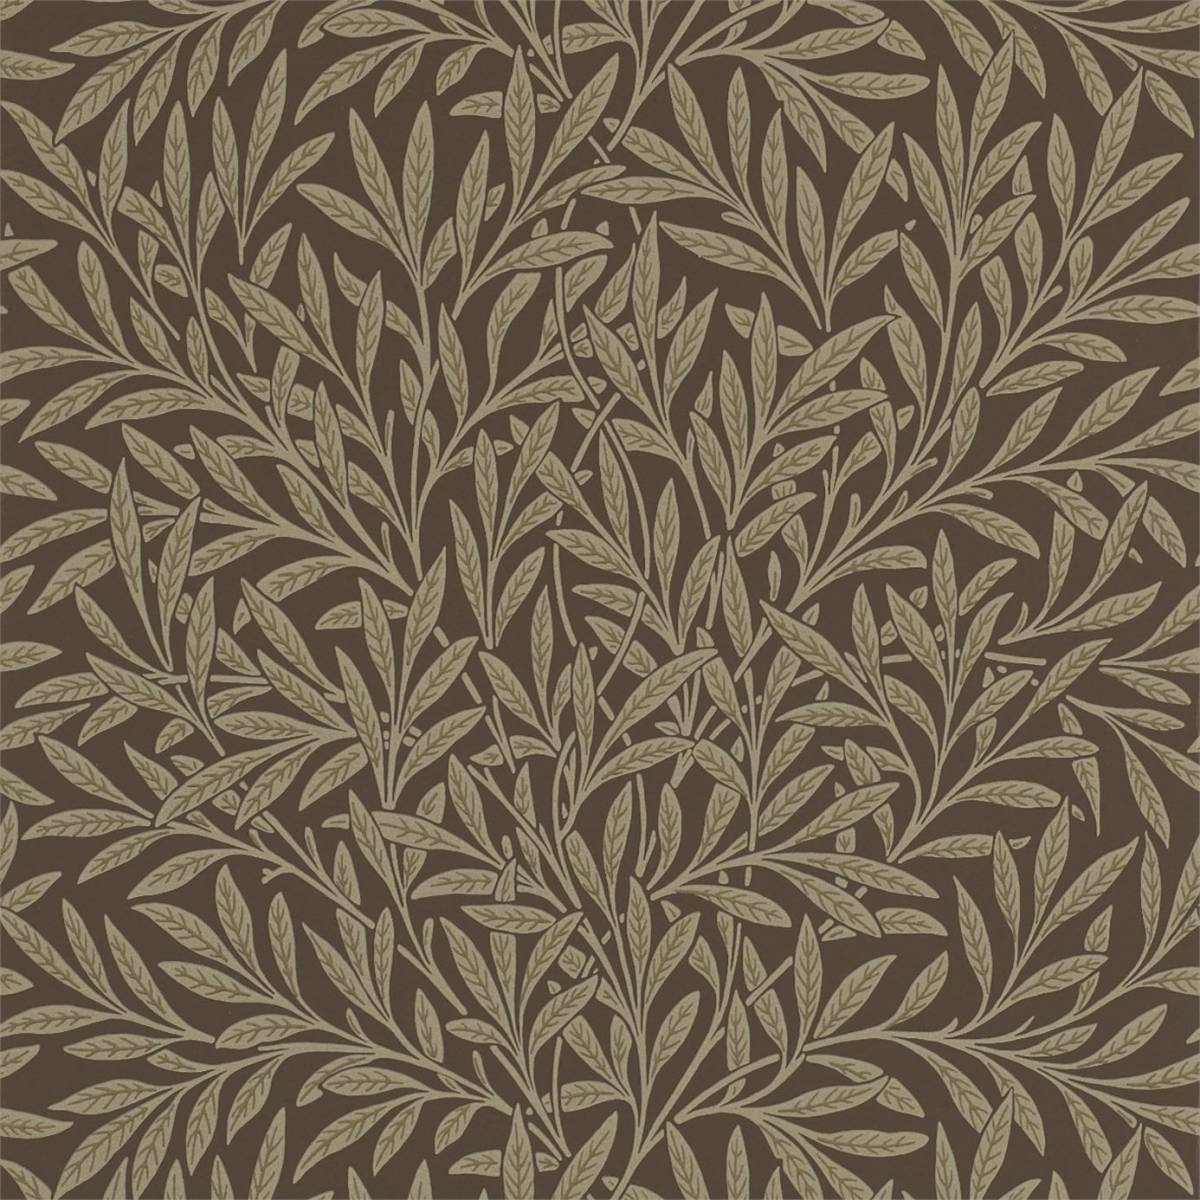 Willow Wallpaper Bullrush 210380 William Morris amp Co